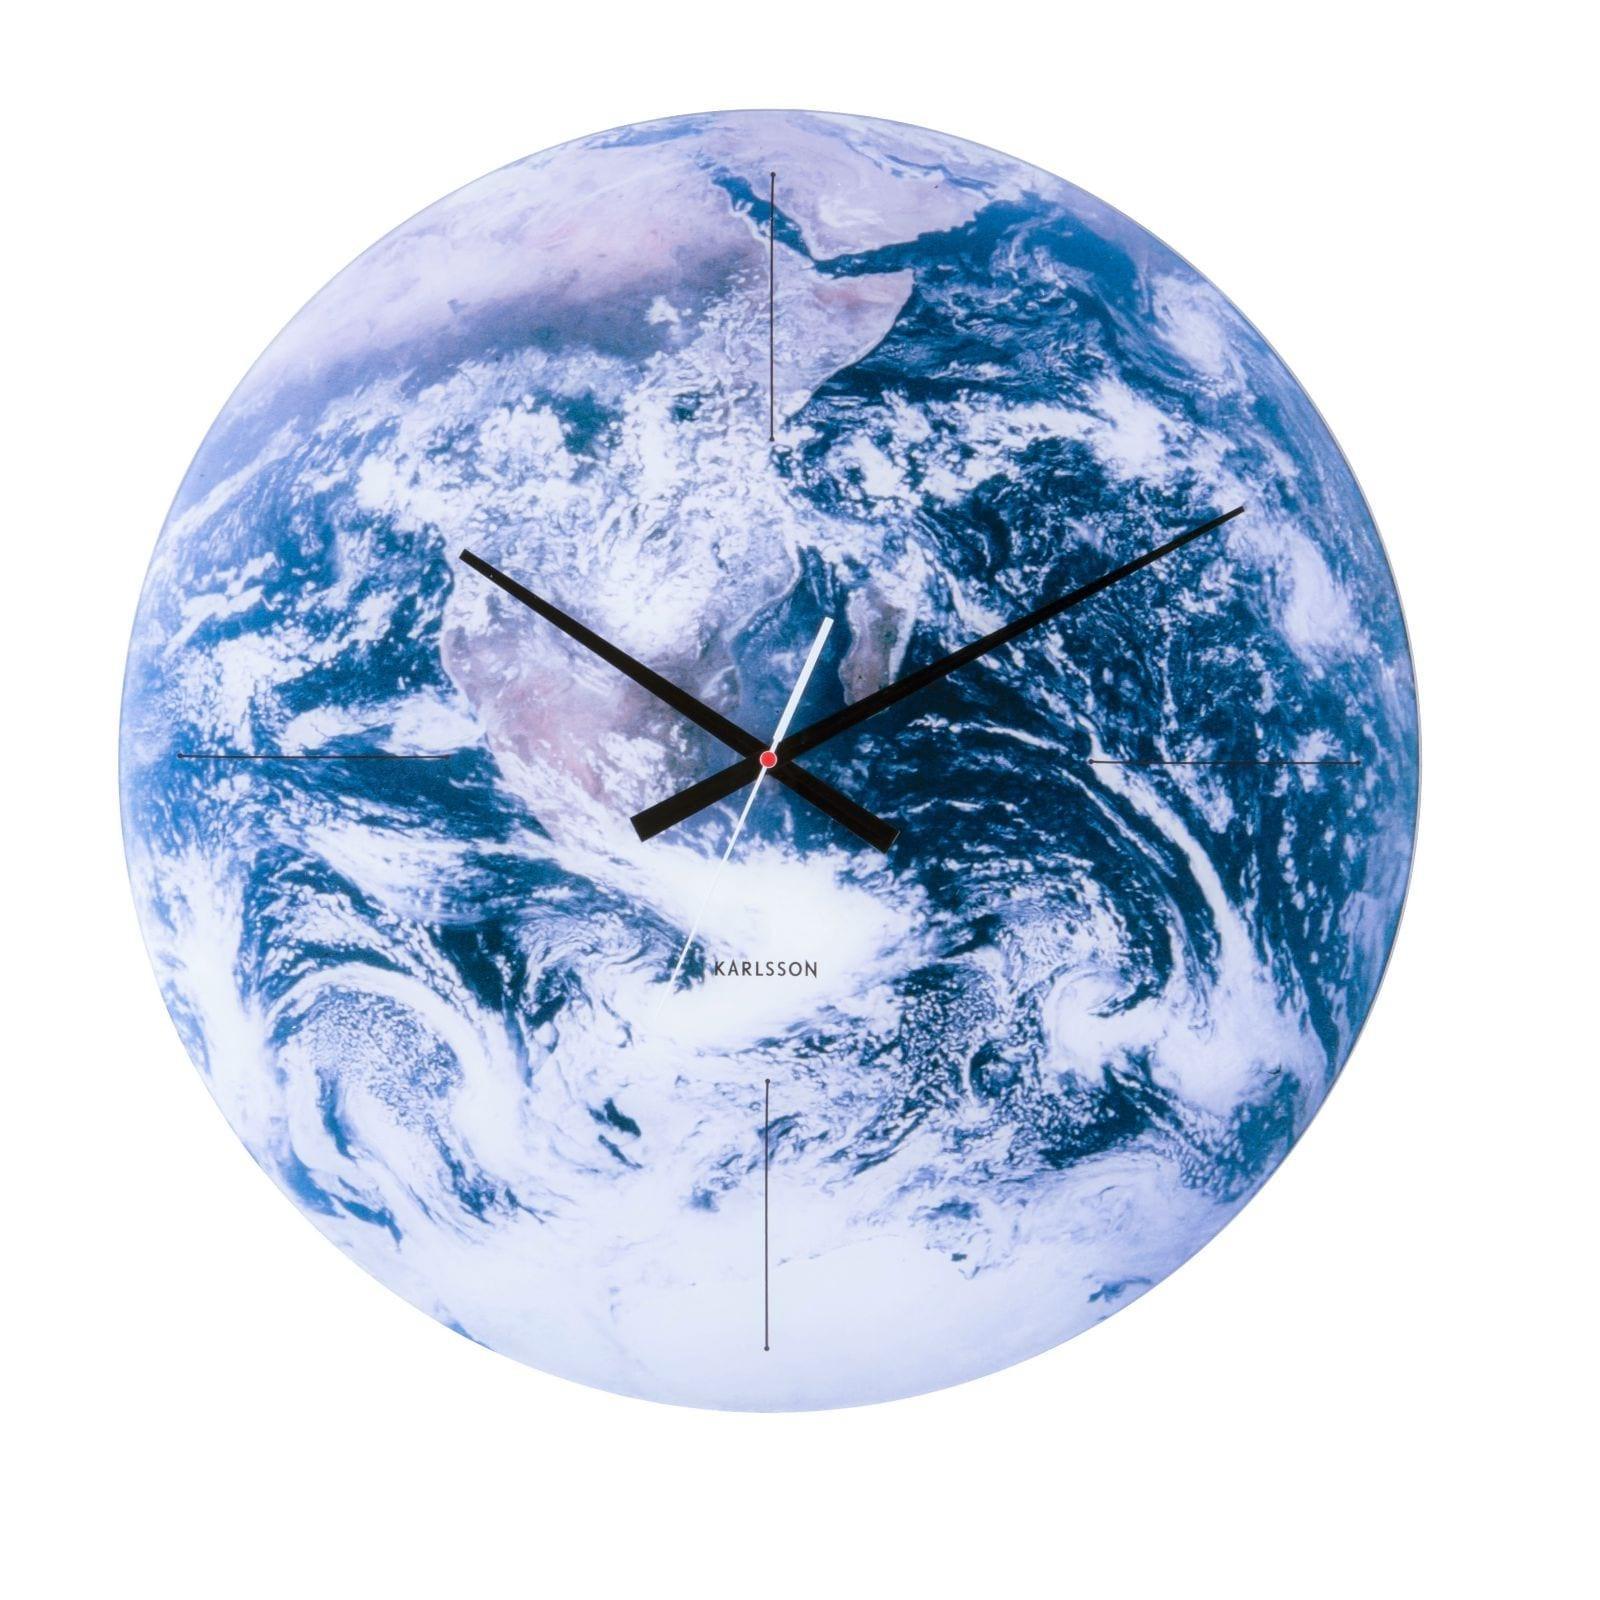 Ρολόι Τοίχου Planet Earth (Γυαλί) - Karlsson